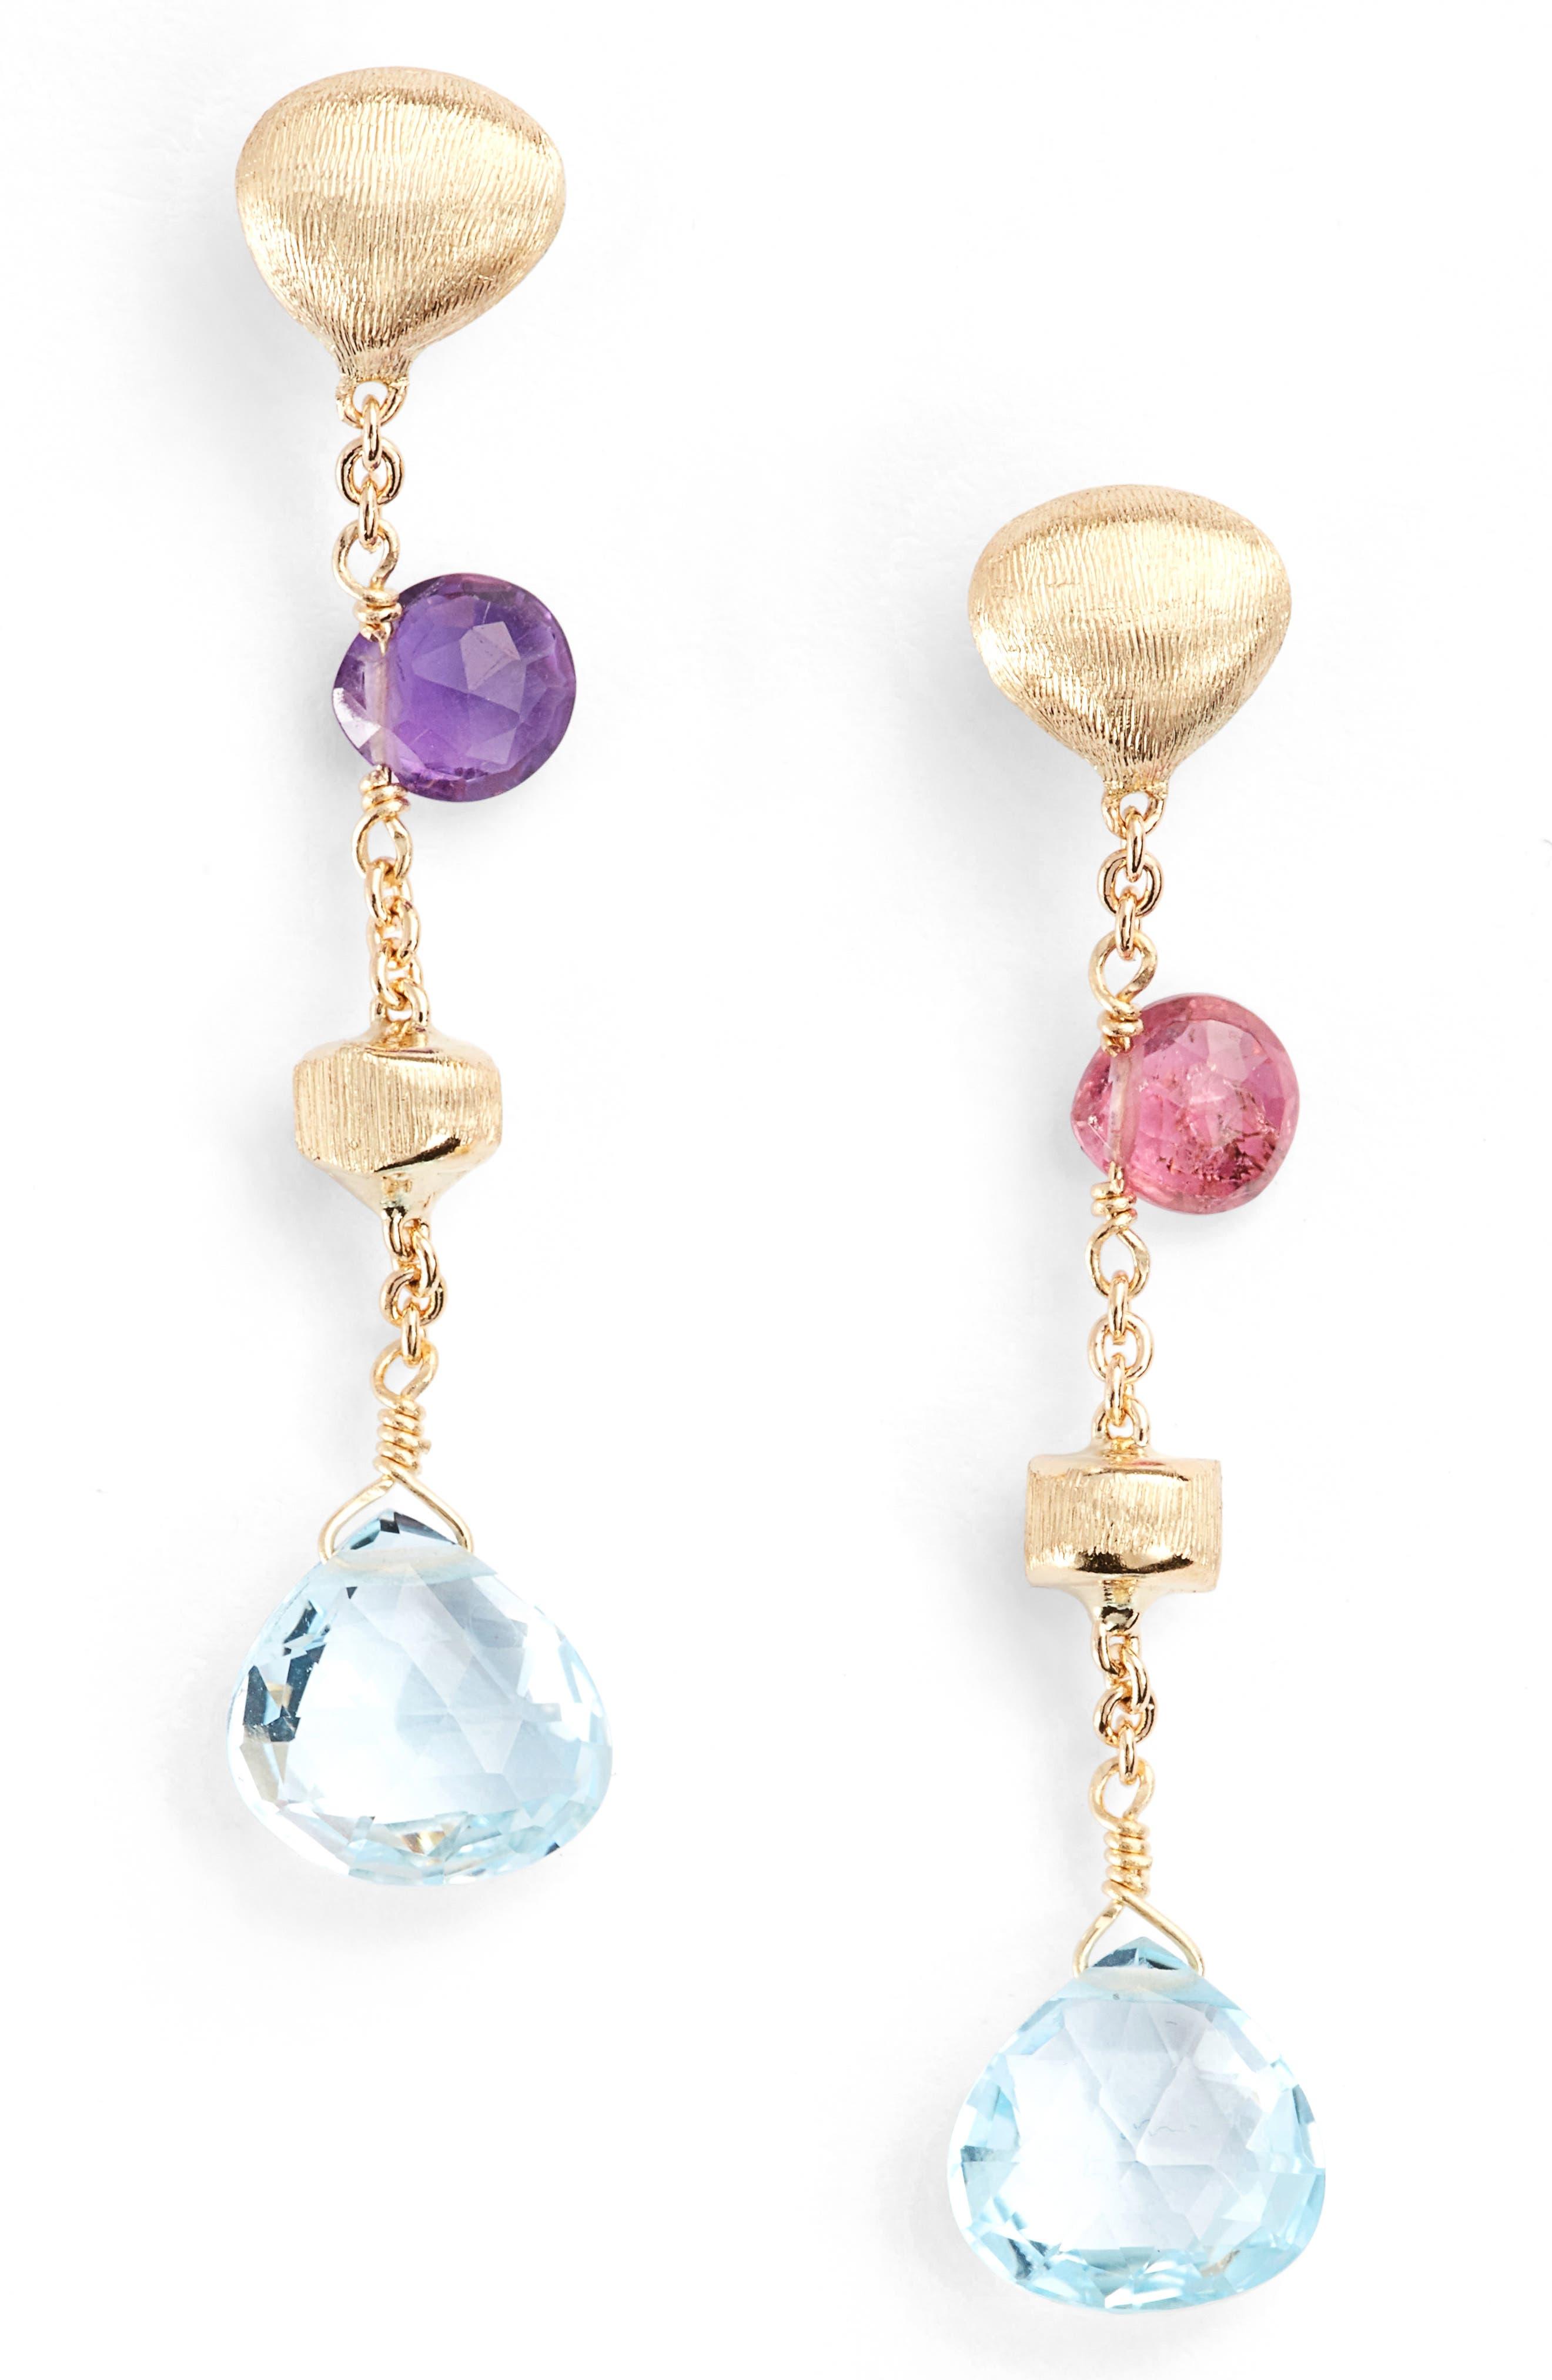 Paradise Semiprecious Stone Drop Earrings,                         Main,                         color, YELLOW GOLD